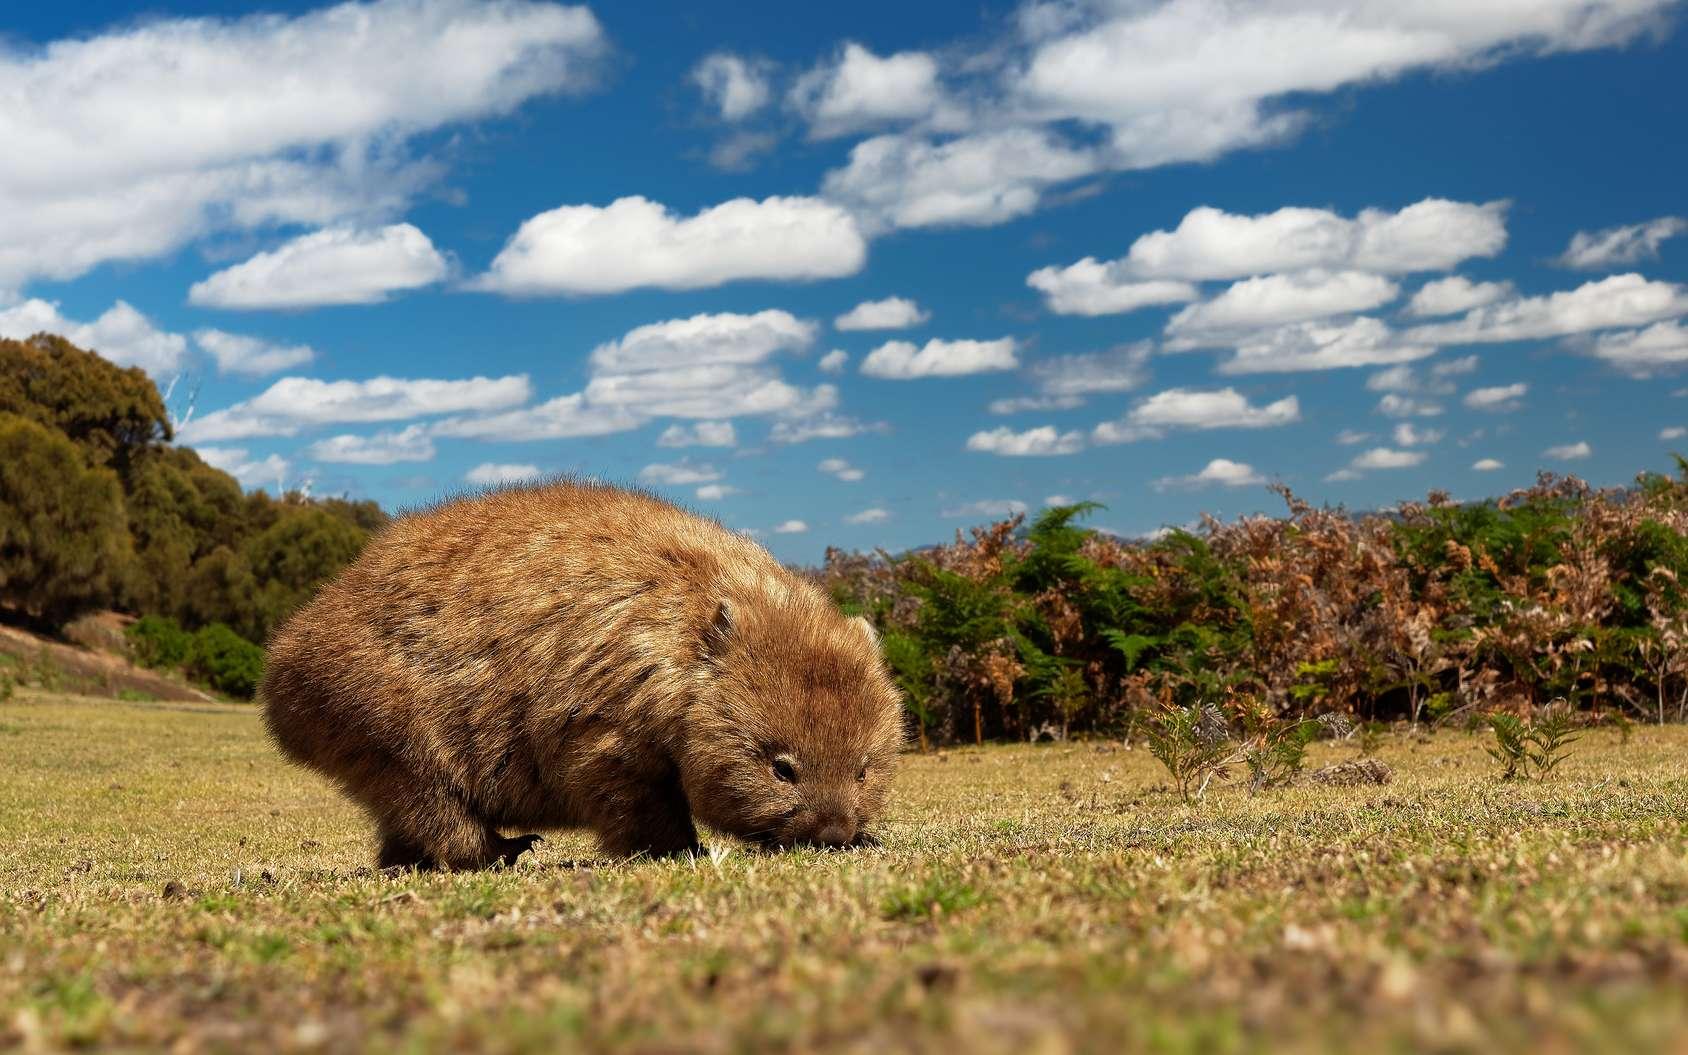 Le wombat commun est le plus gros mammifère creusant des terriers. © phototrip.cz, fotolia